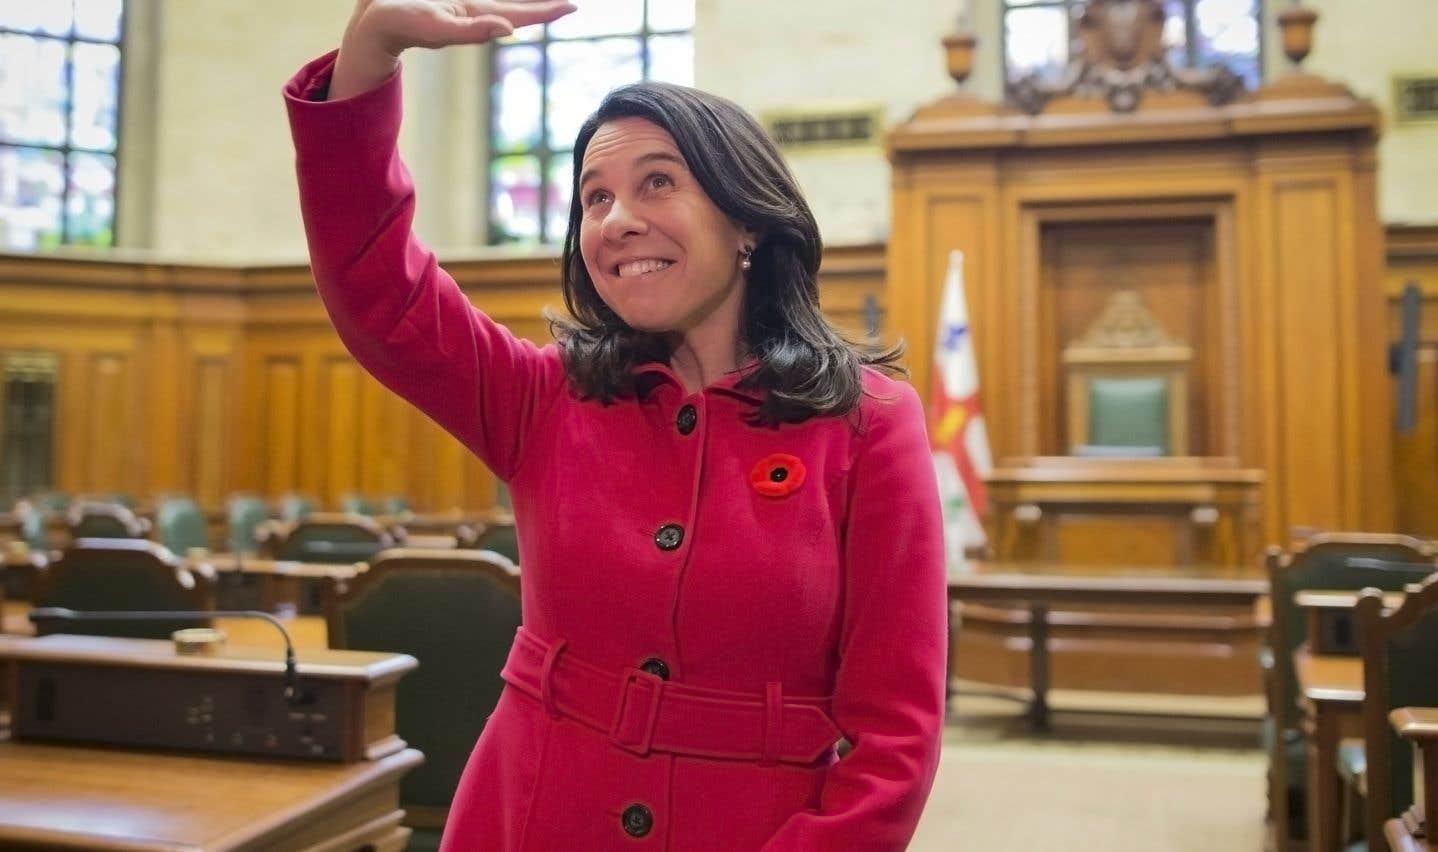 La mairesse Valérie Plante: un sourire qui dit «authenticité» et «ouverture», nouveaux mantras de la politique de proximité qui risquent de faire école.